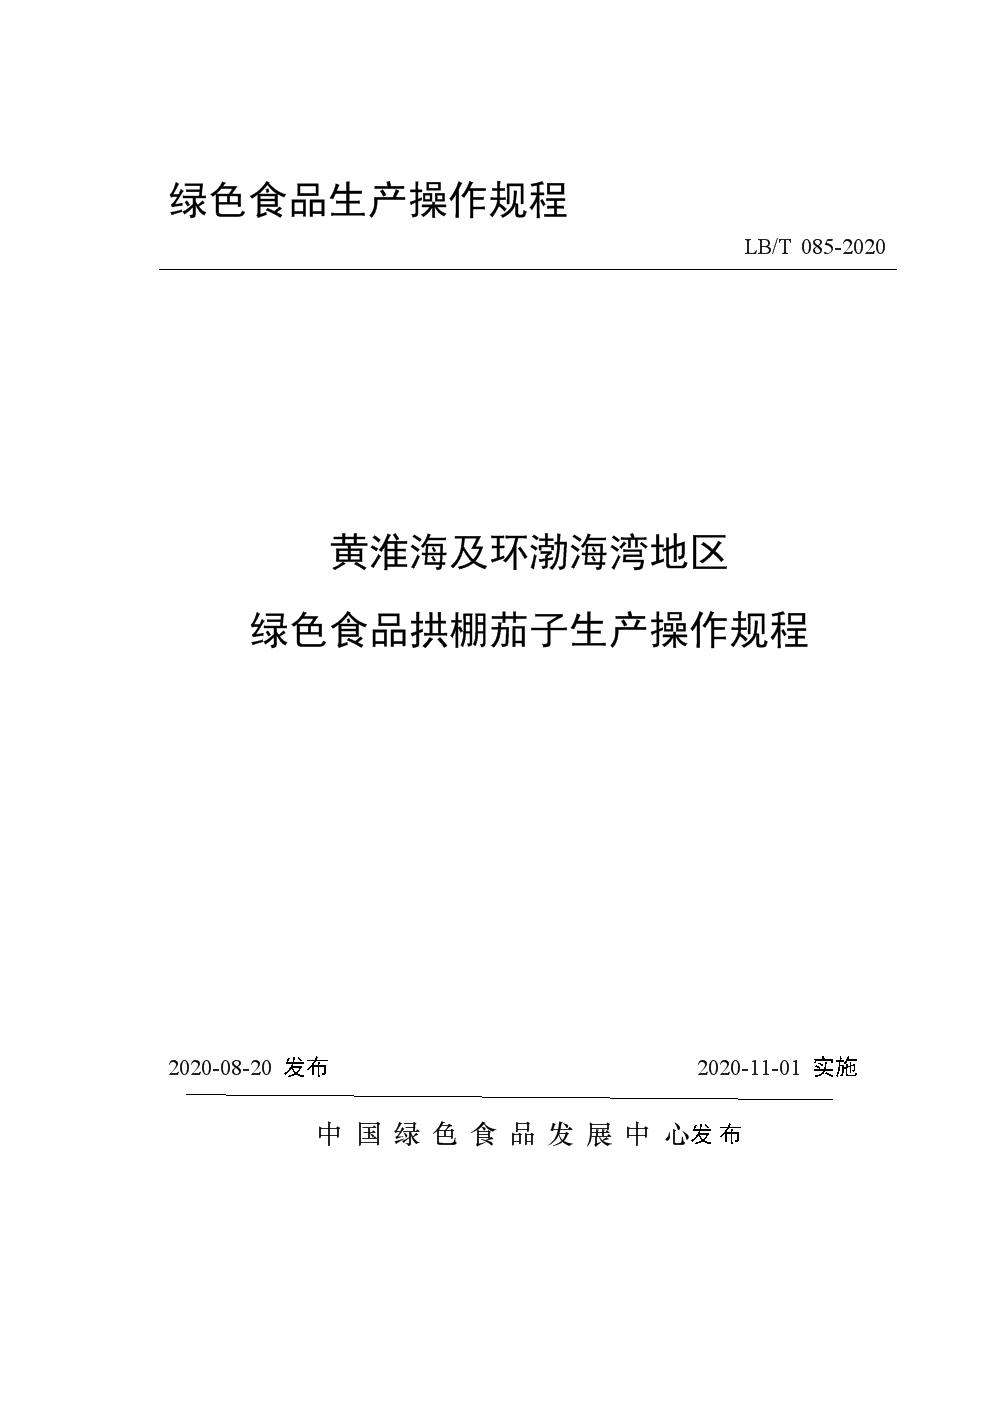 黄淮海及环渤海湾地区  绿色食品拱棚茄子生产操作规程.docx